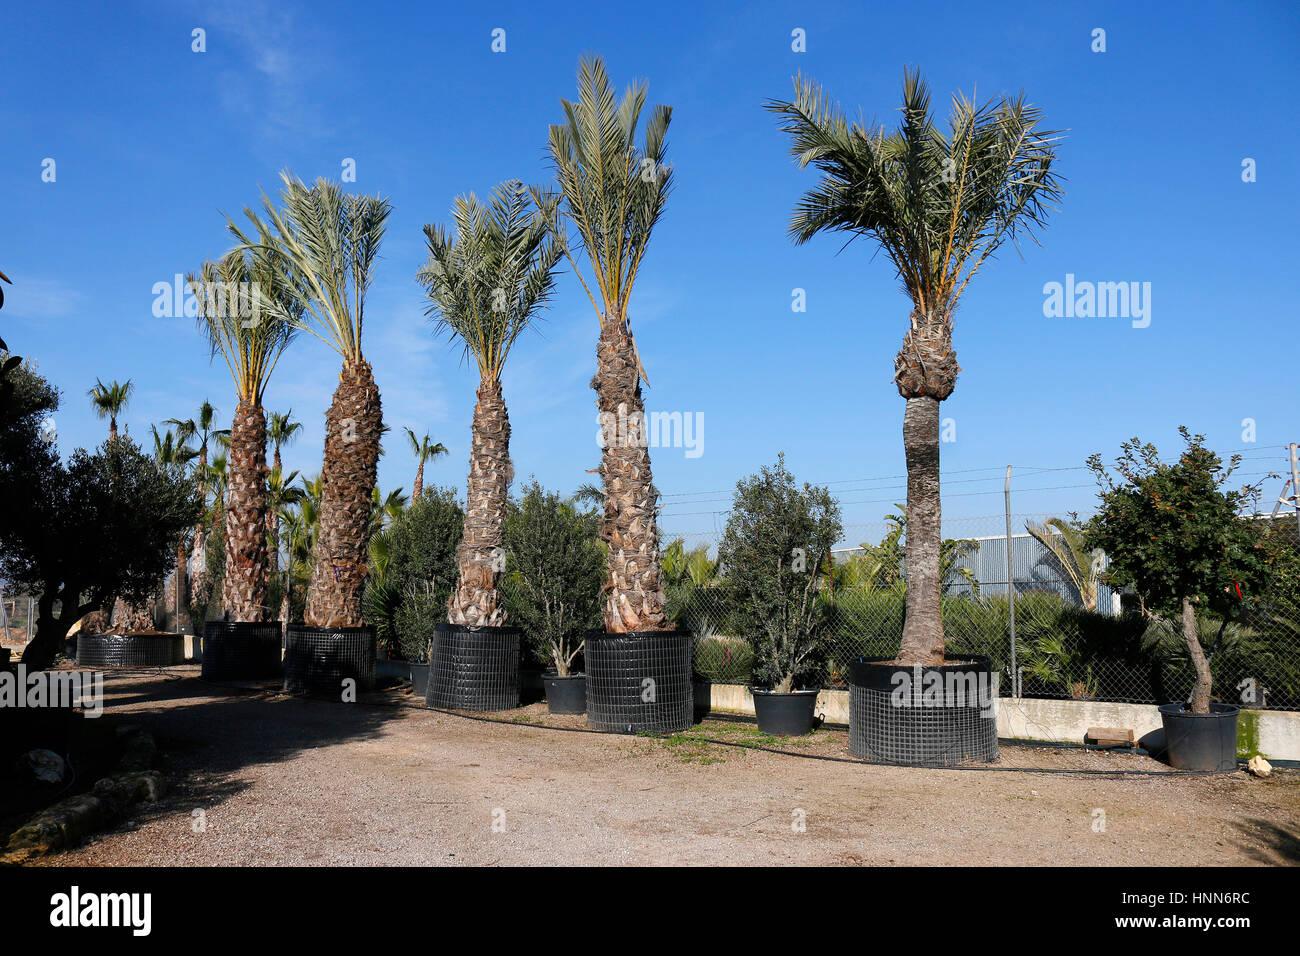 Palmen, die zum Verkauf in einer Gaertnerei angeboten werden, Mallorca. - Stock Image